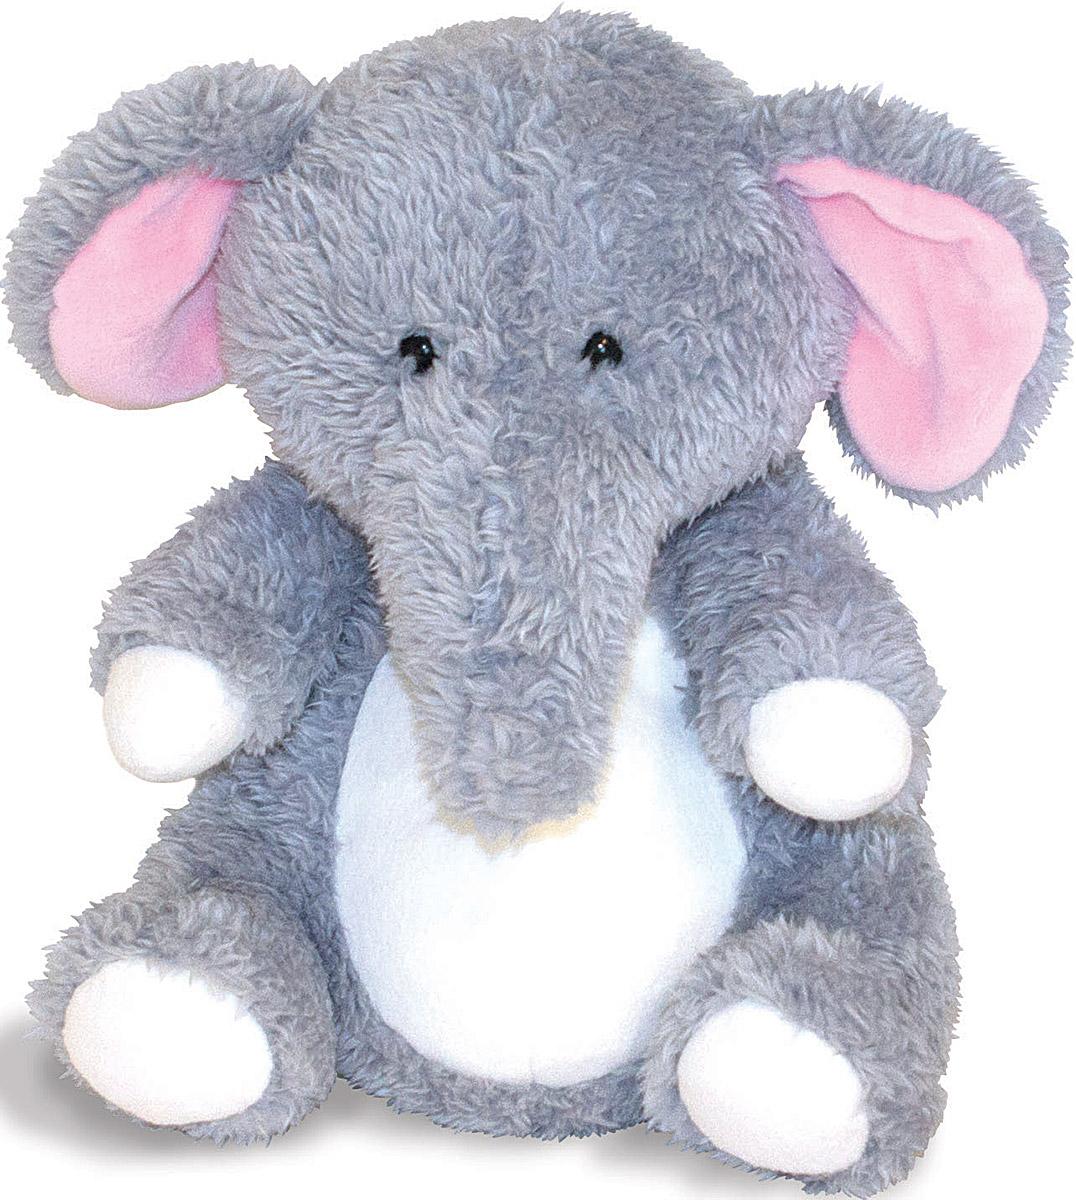 Gulliver Мягкая игрушка Слоник Хьюго 38 см7-56268Мягкая игрушка Gulliver Слоник Хьюго, выполнена в виде очаровательного слона. Игрушка изготовлена из искусственного меха серого цвета. У слоника розовые ушки и белый животик. Удивительно мягкая игрушка принесет радость и подарит своему обладателю мгновения нежных объятий и приятных воспоминаний. Великолепное качество исполнения делают эту игрушку чудесным подарком к любому празднику. Трогательная и симпатичная, она непременно вызовет улыбку у детей и взрослых.